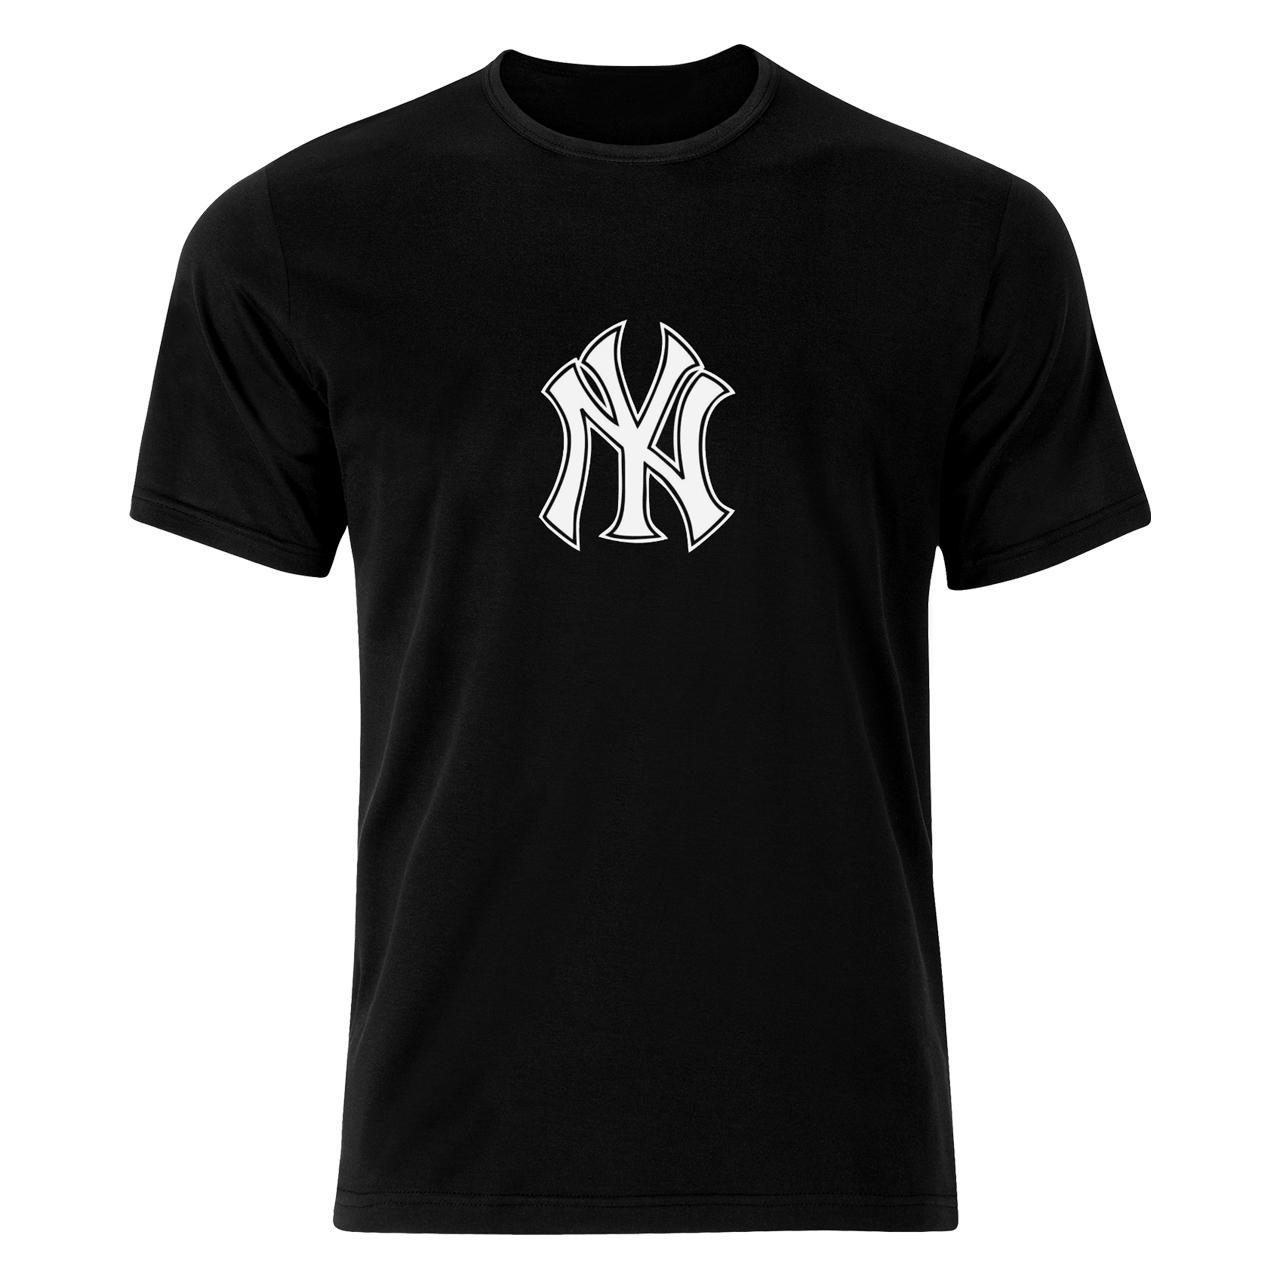 تی شرت مردانه طرح یانکی مدل  B 77181